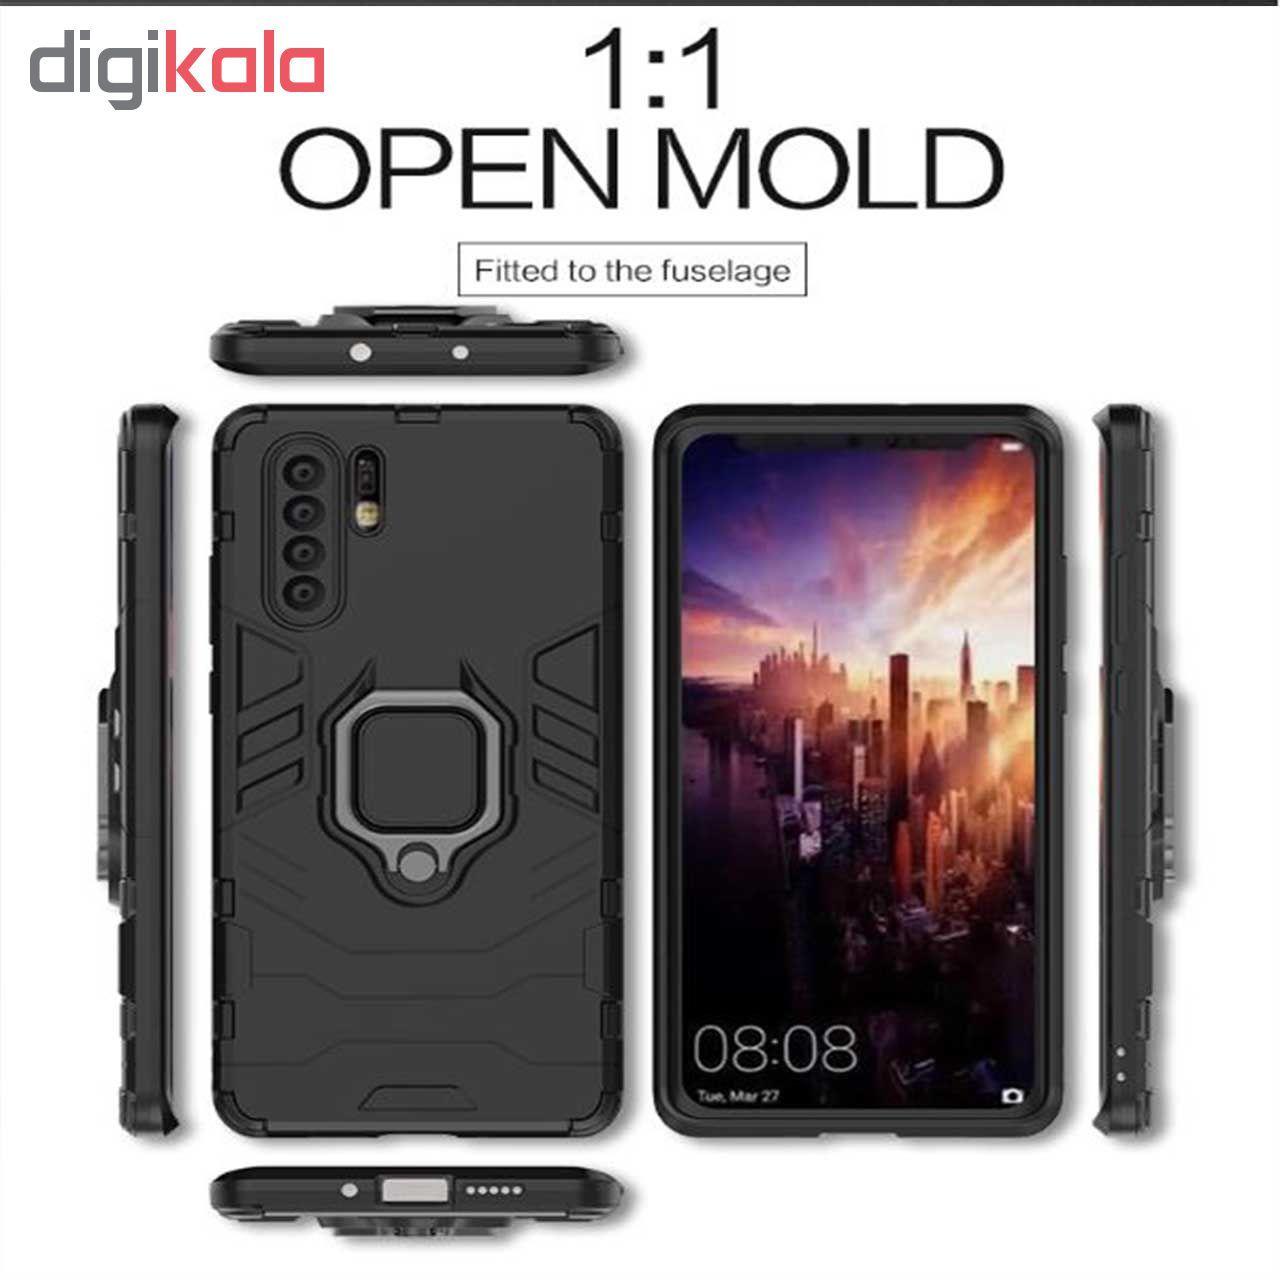 کاور مدل DEF02 مناسب برای گوشی موبایل شیائومی Redmi Note 8 pro main 1 6